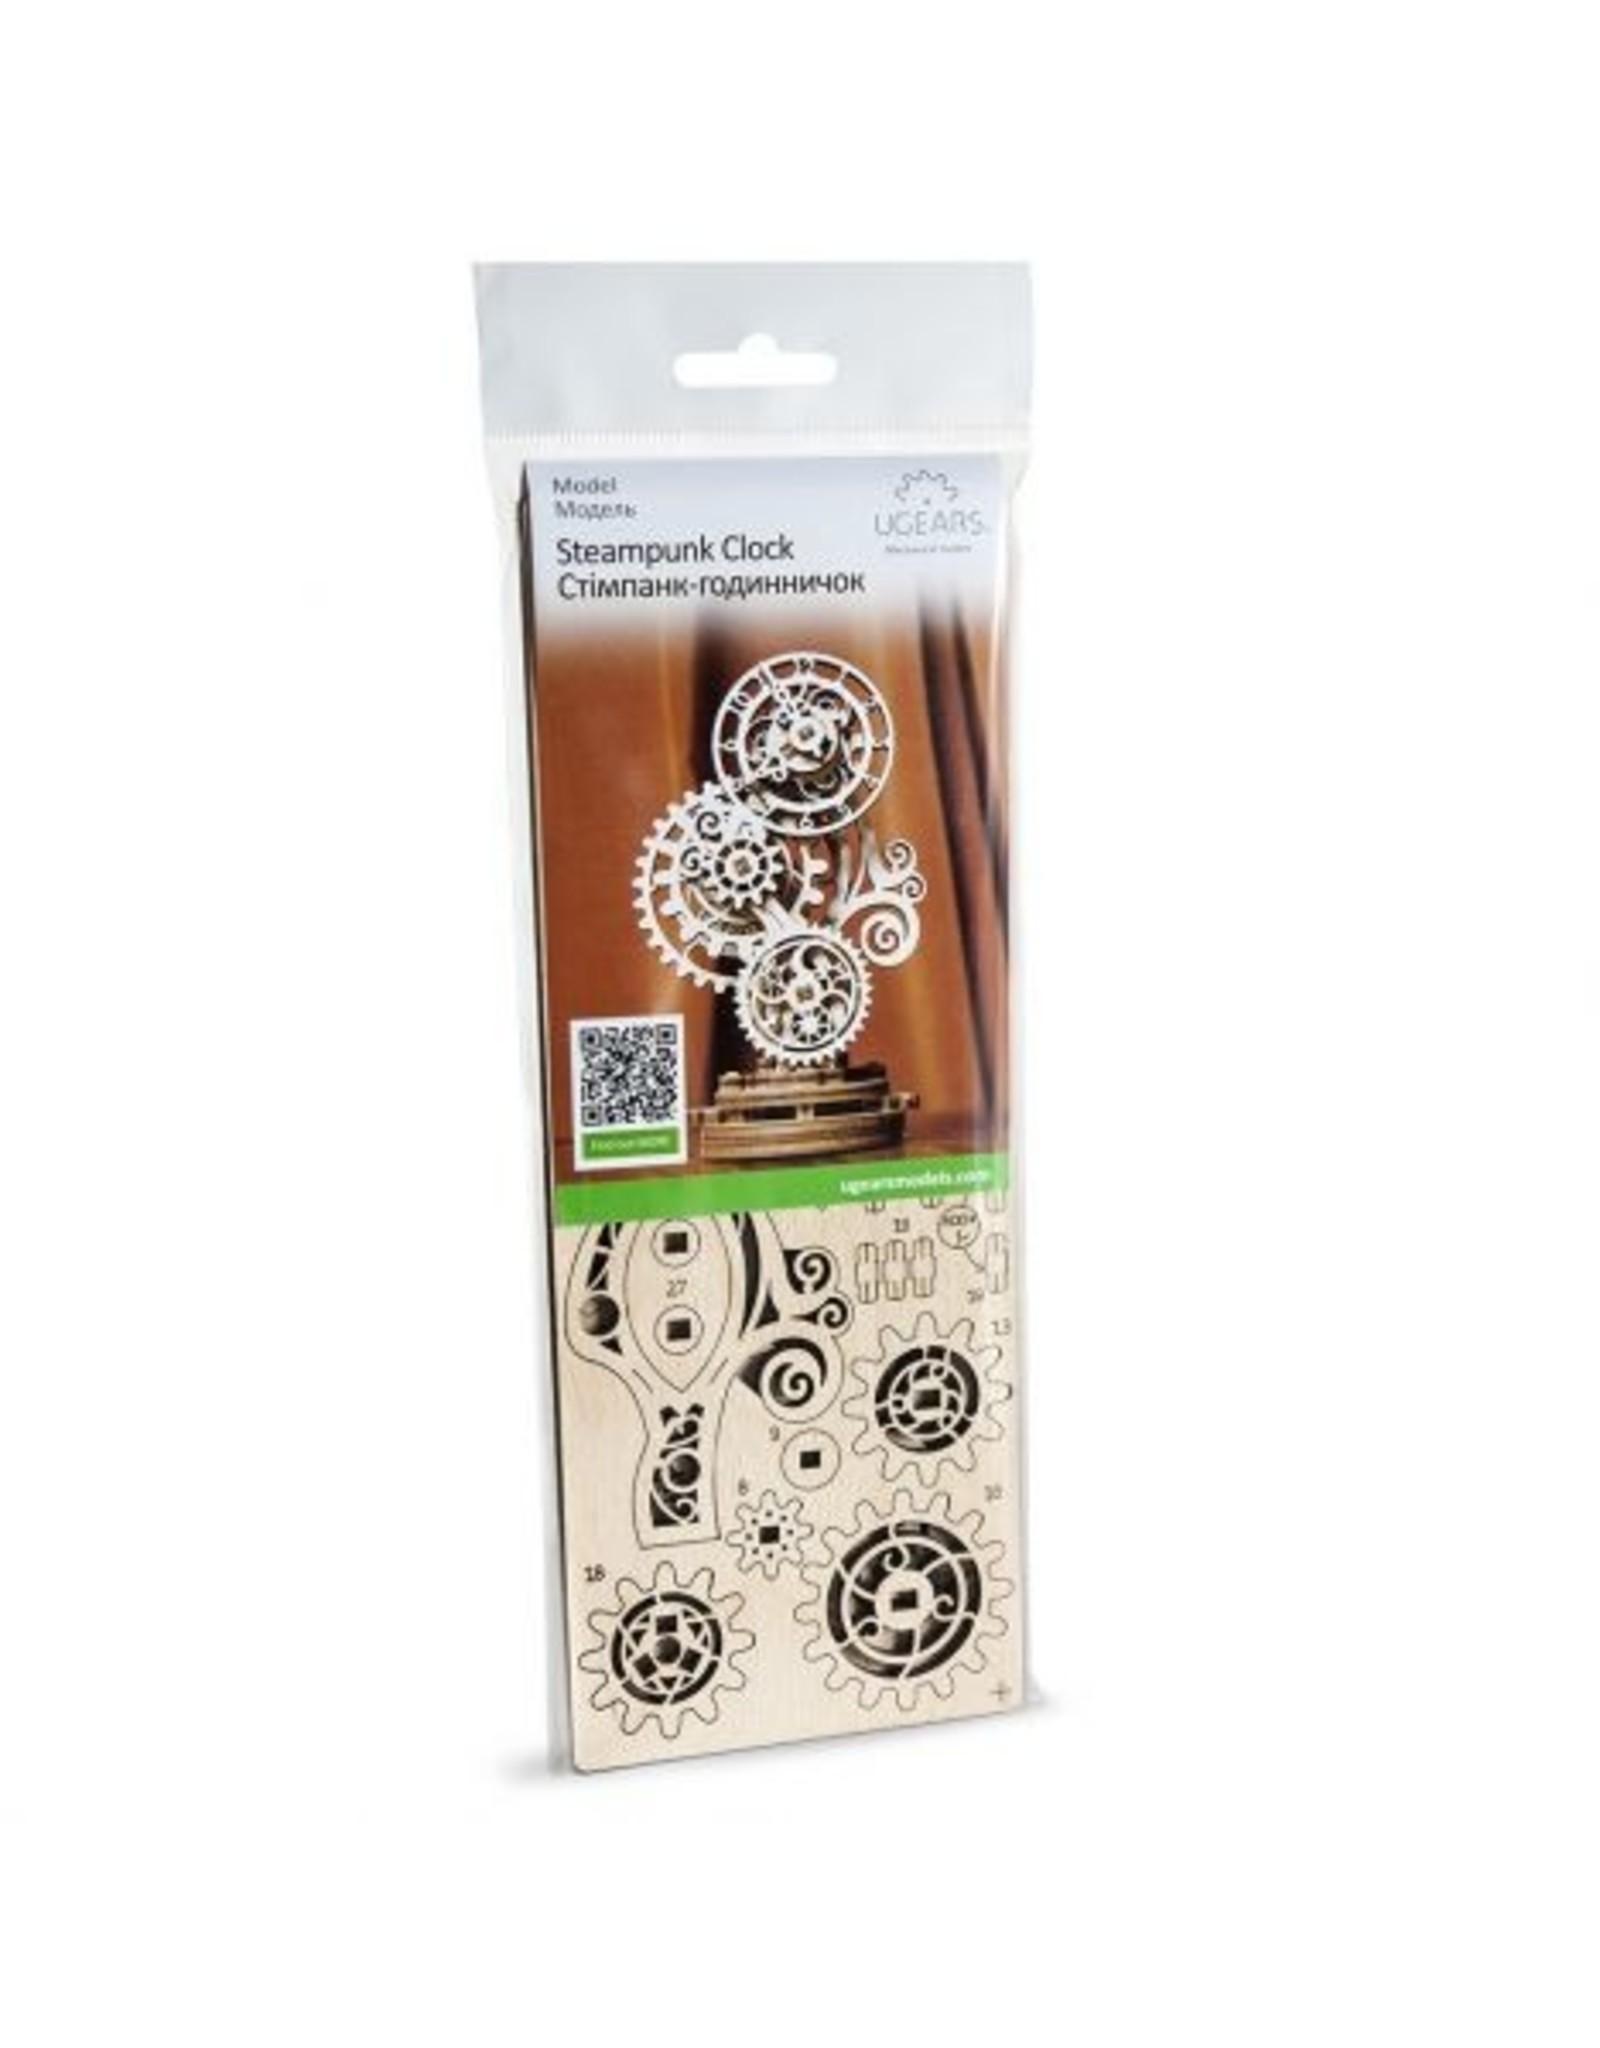 UGears Steampunk Clock Wood Model